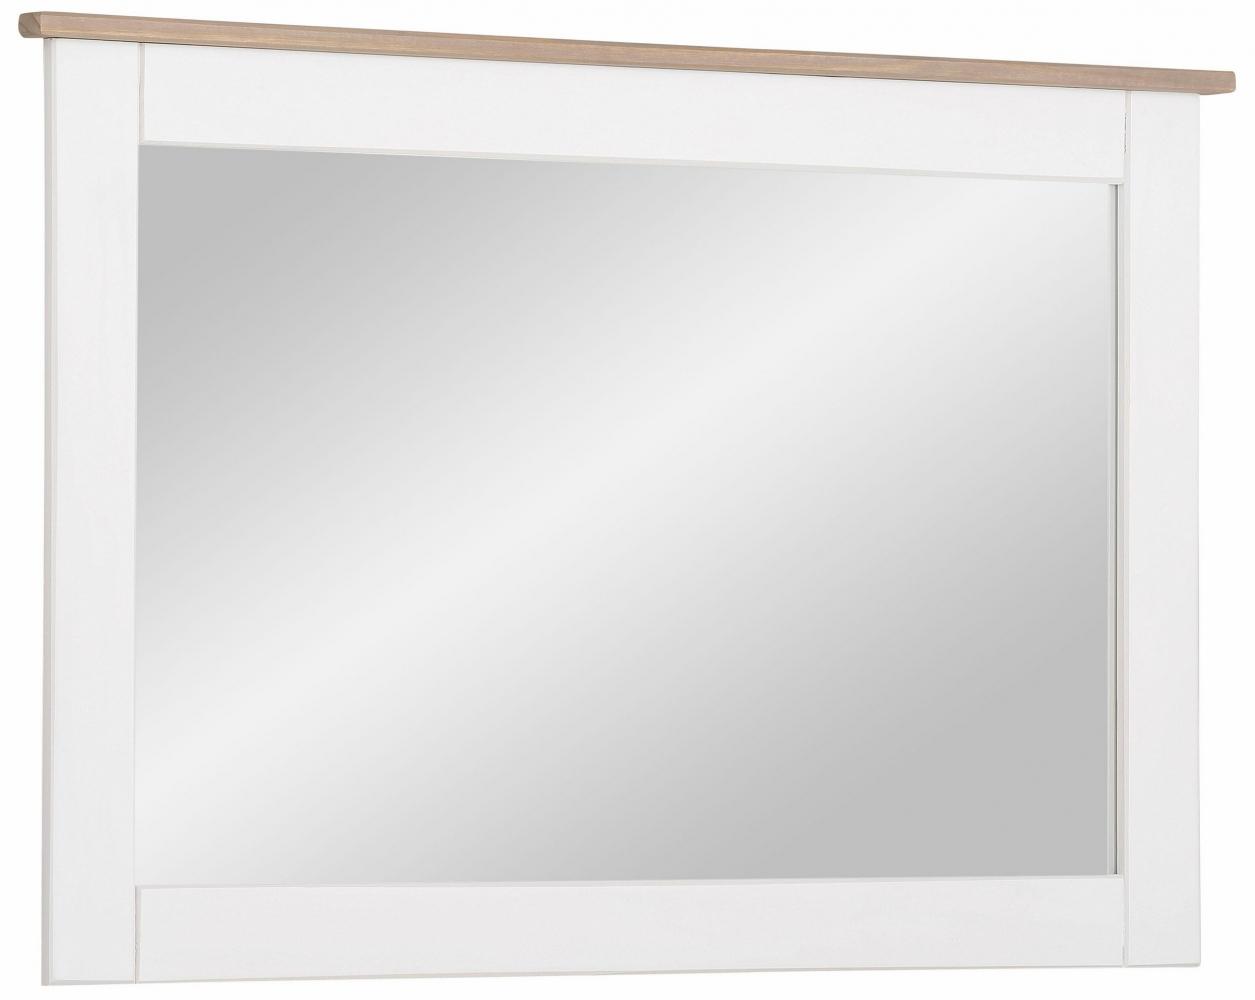 Nástěnné zrcadlo Cosma, 90 cm, bílá / šedá